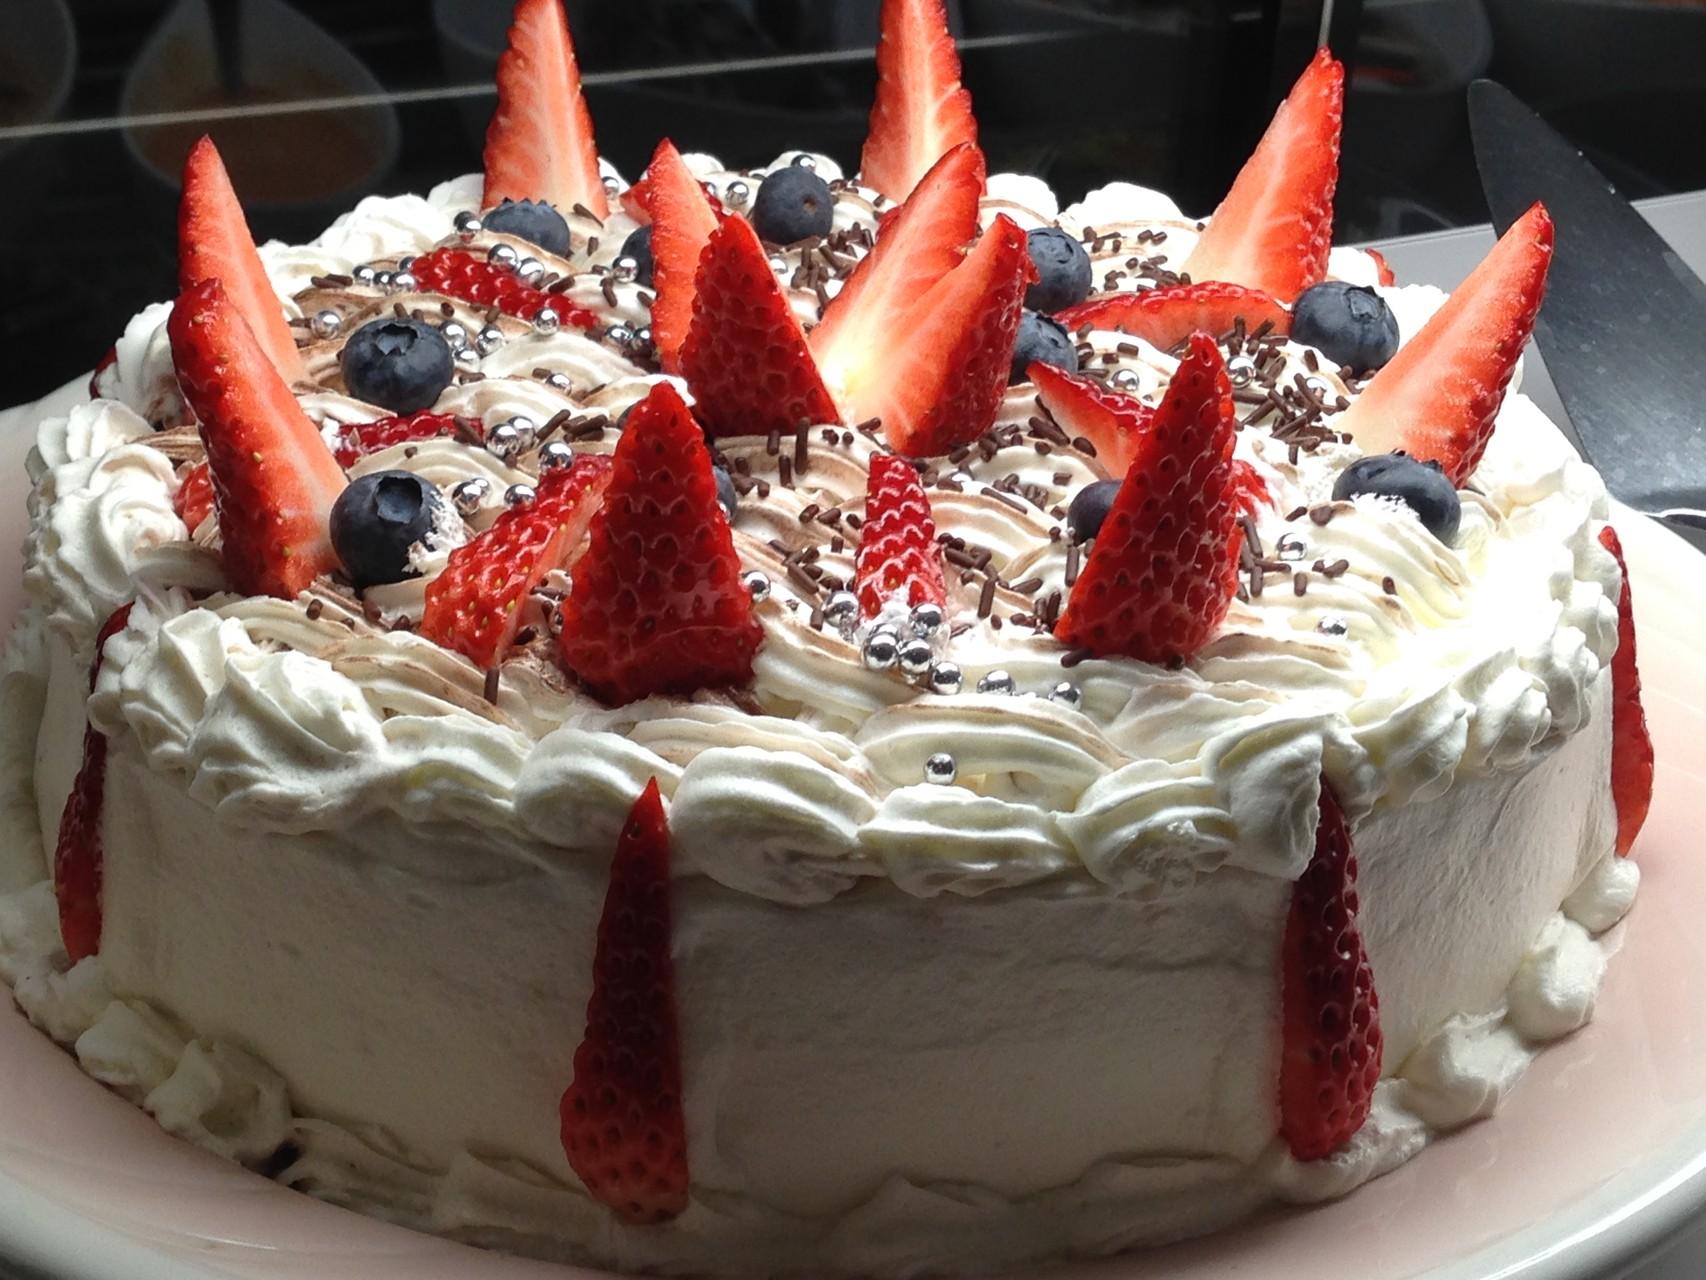 Choupanaではこんなホールケーキもお好きなだけカットして召し上がっていただけます!